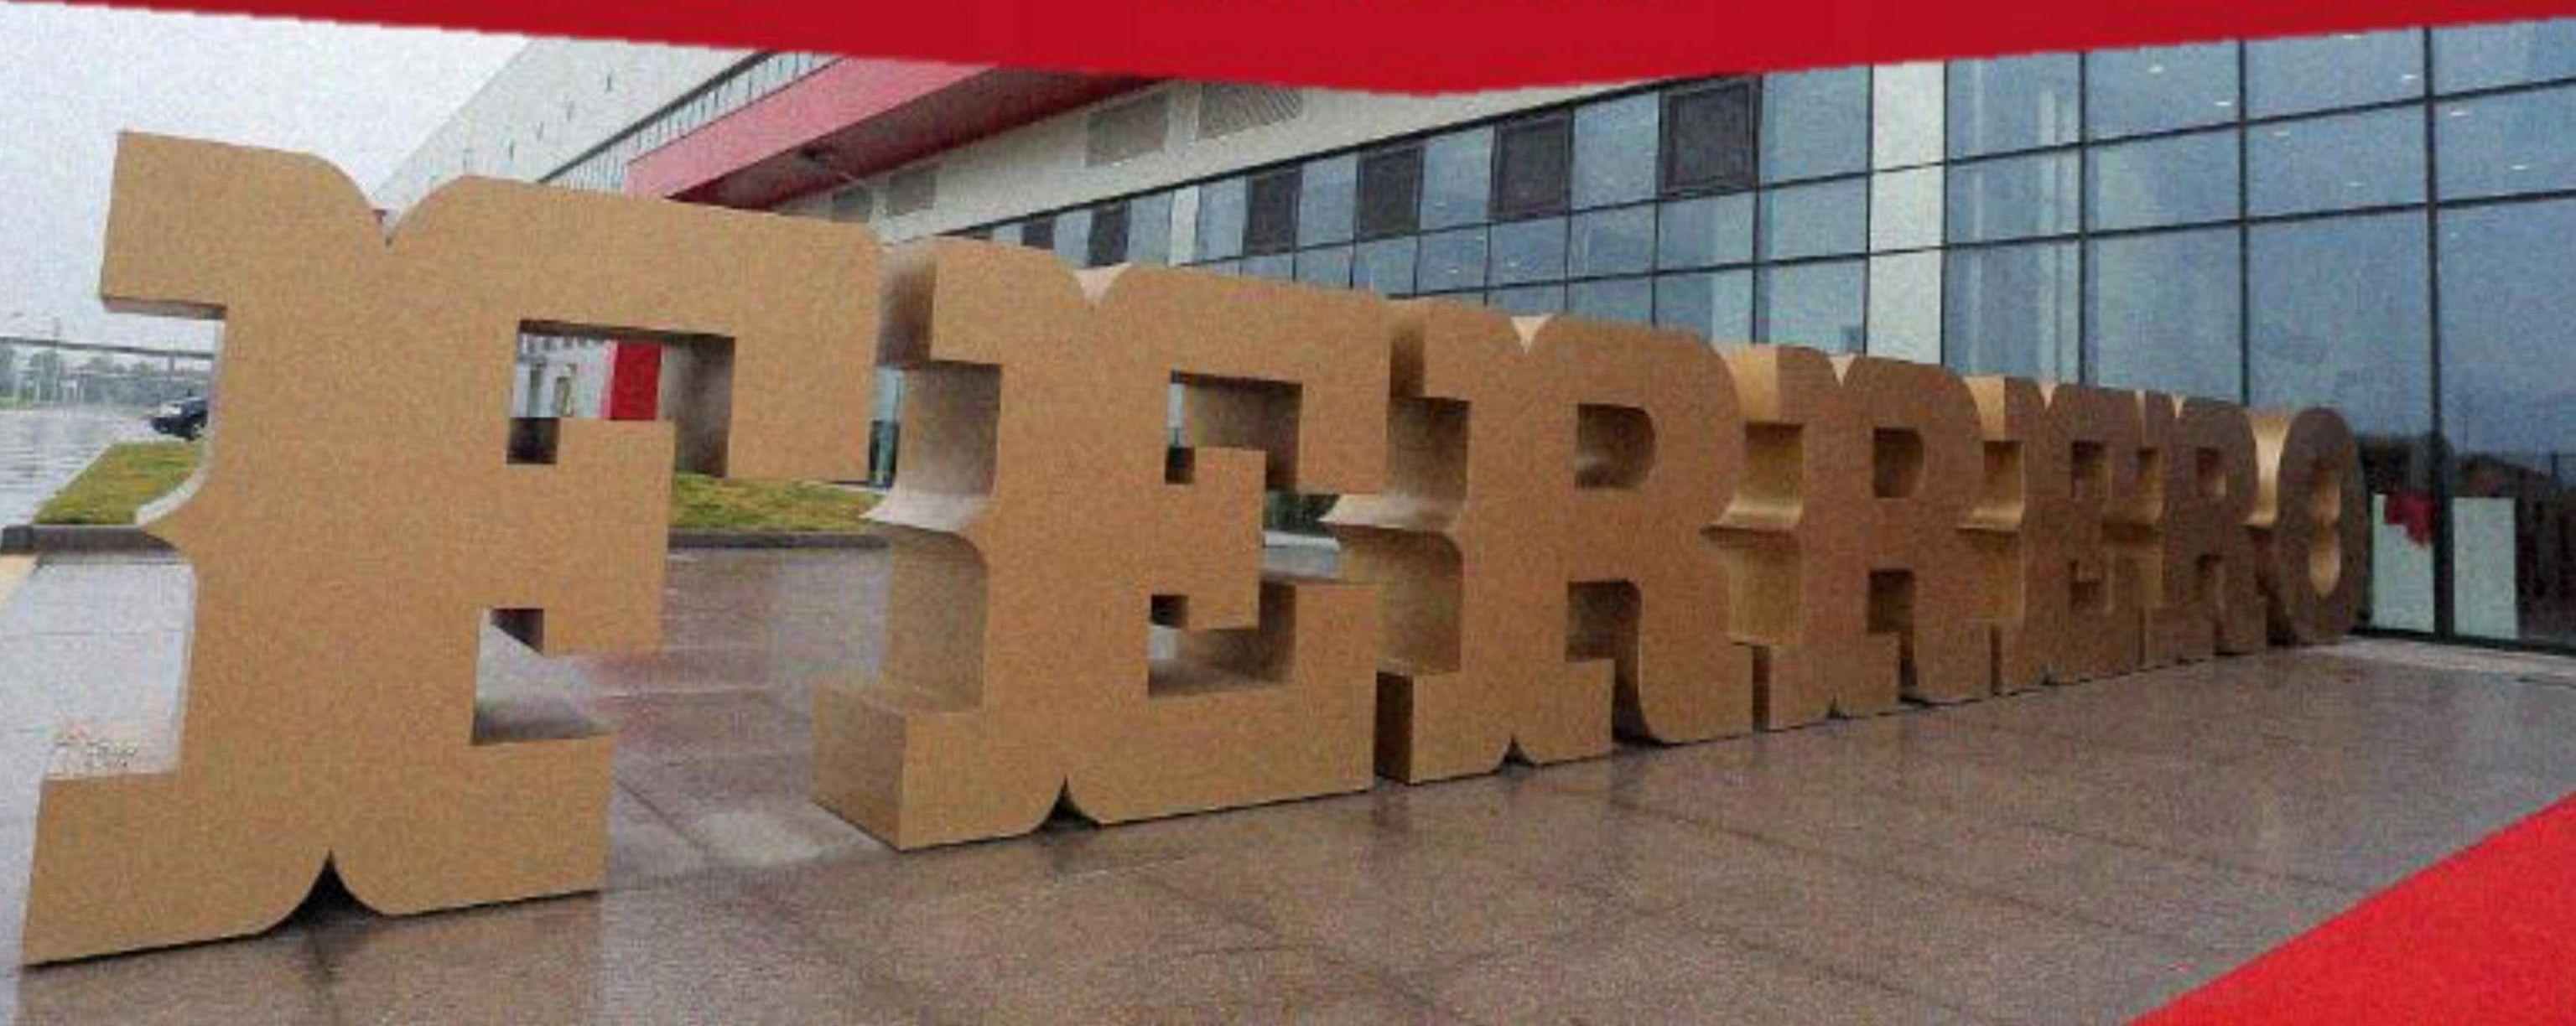 Ferrero: premio legato agli obiettivi di oltre 2mila euro per 6000 dipendenti